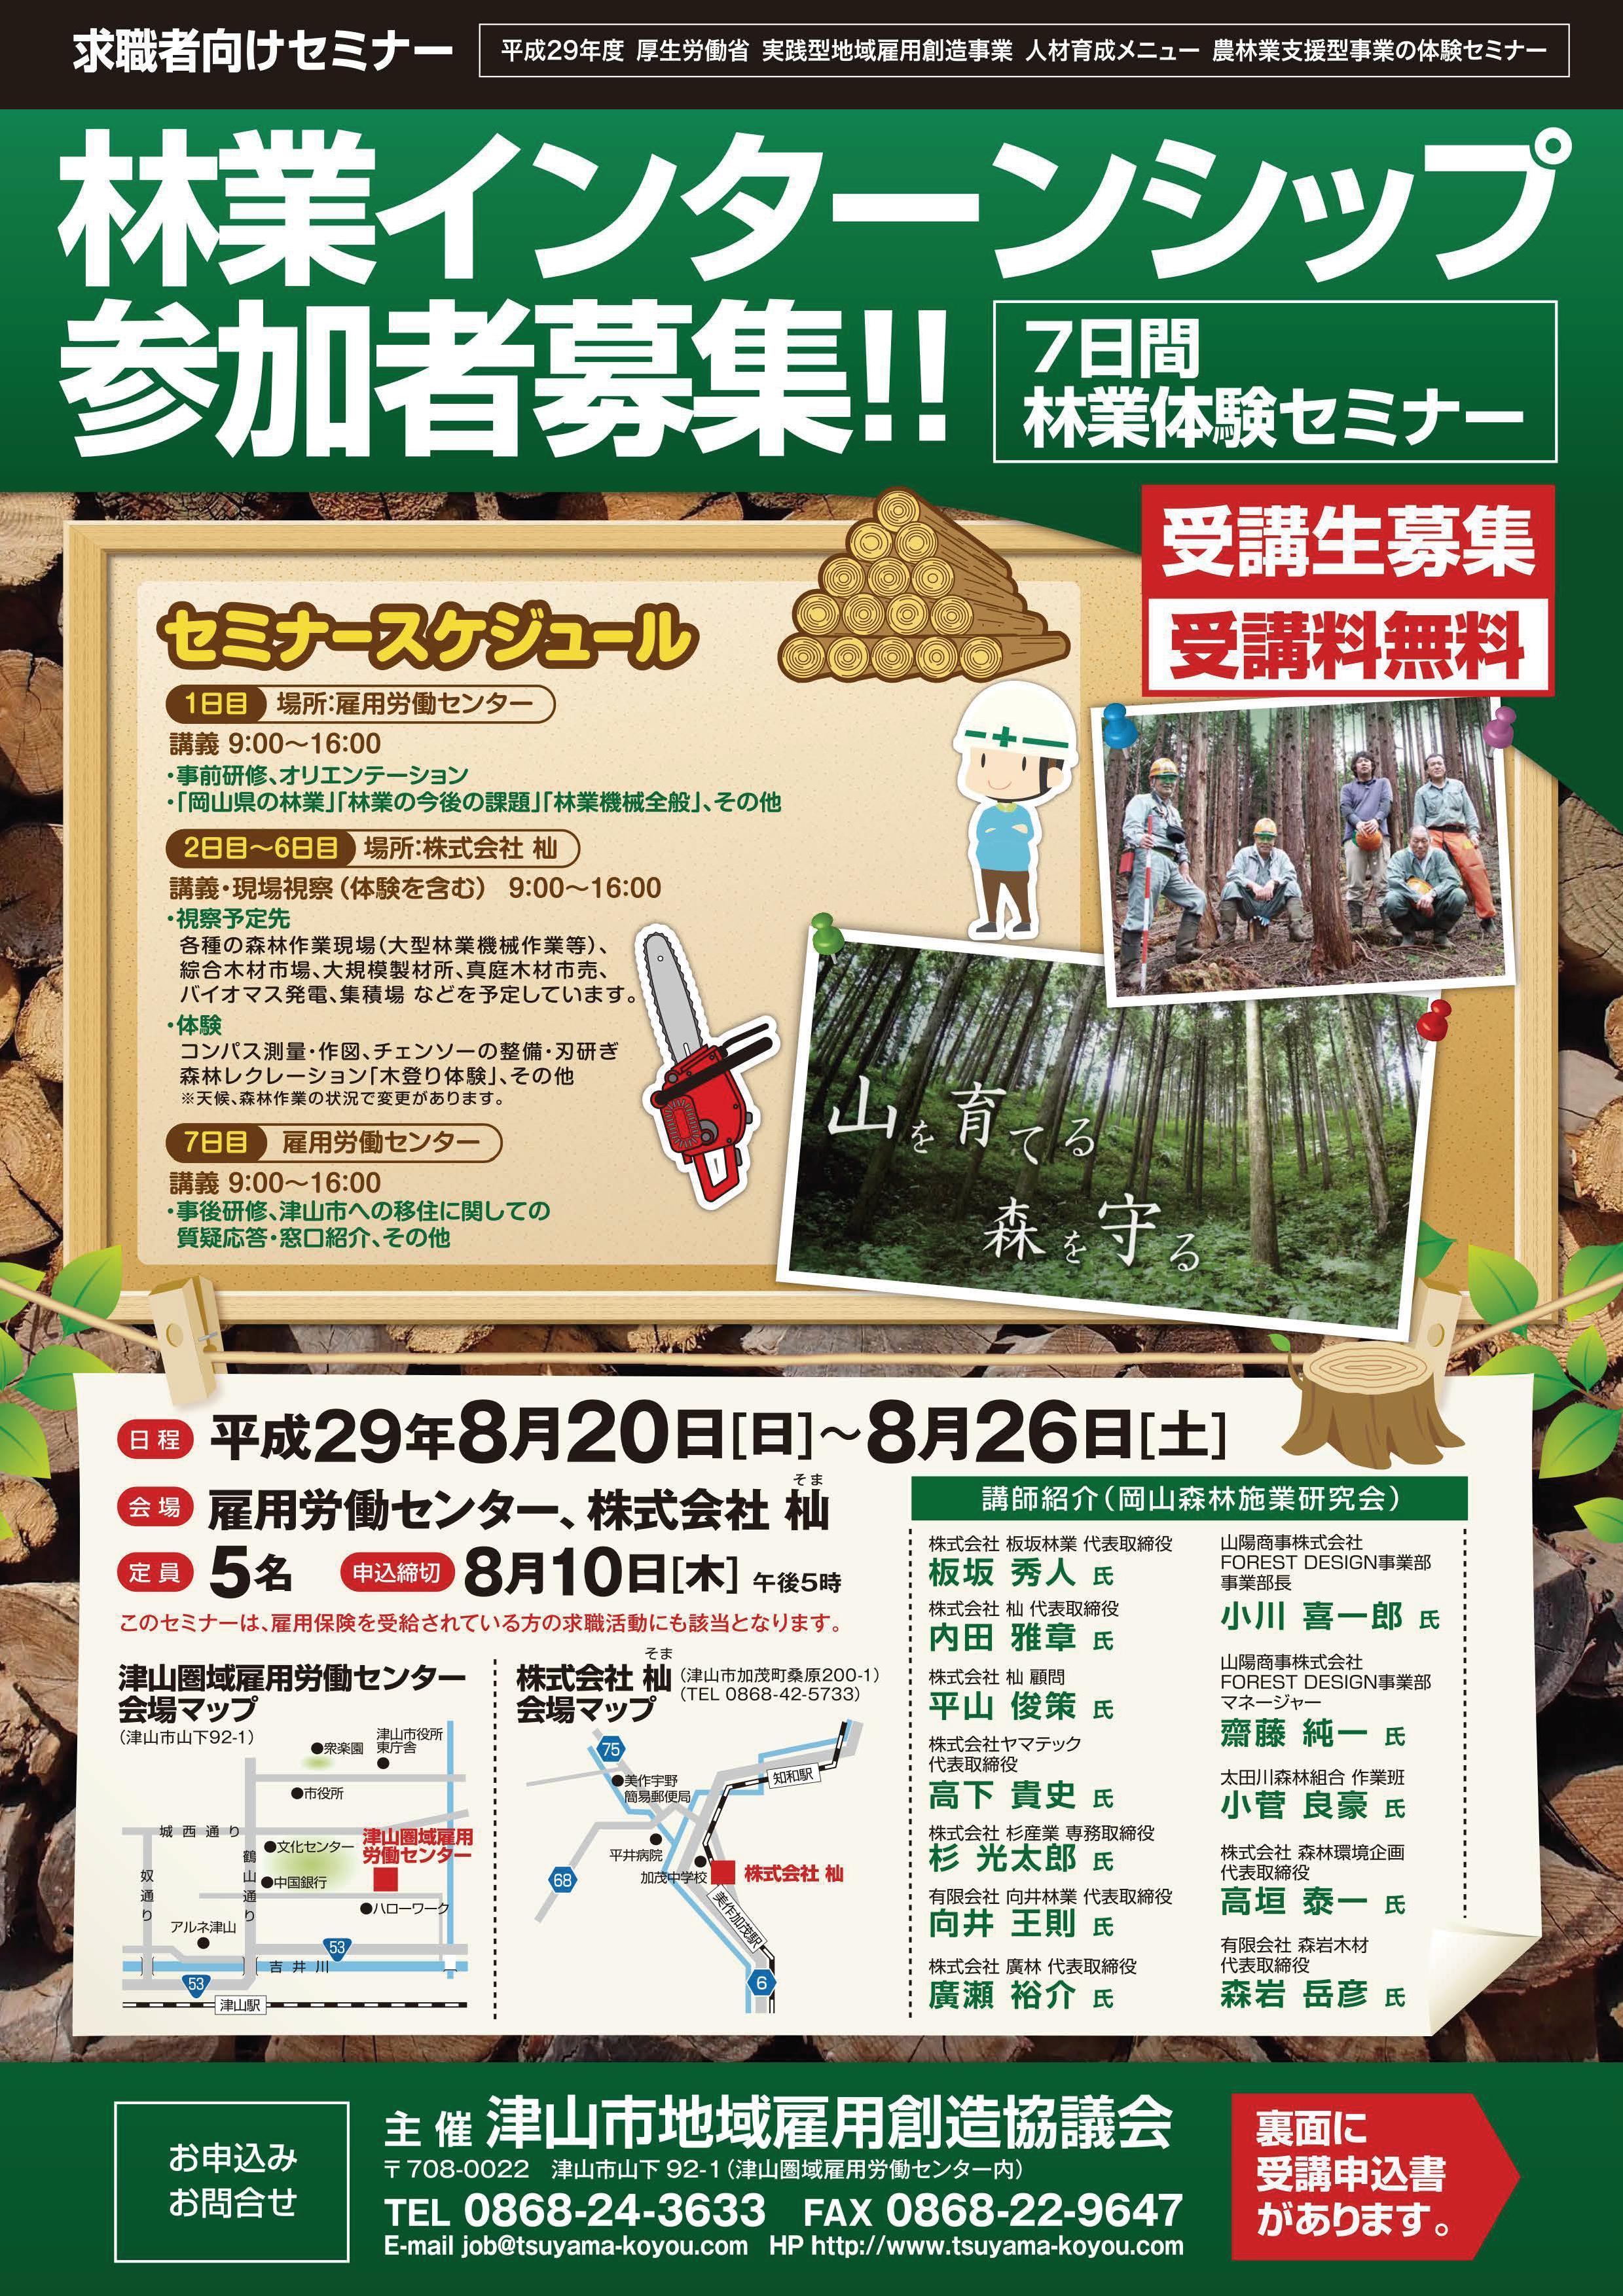 2017年8月20日(日)~26日(土)林業インターンシップ開催のお知らせ